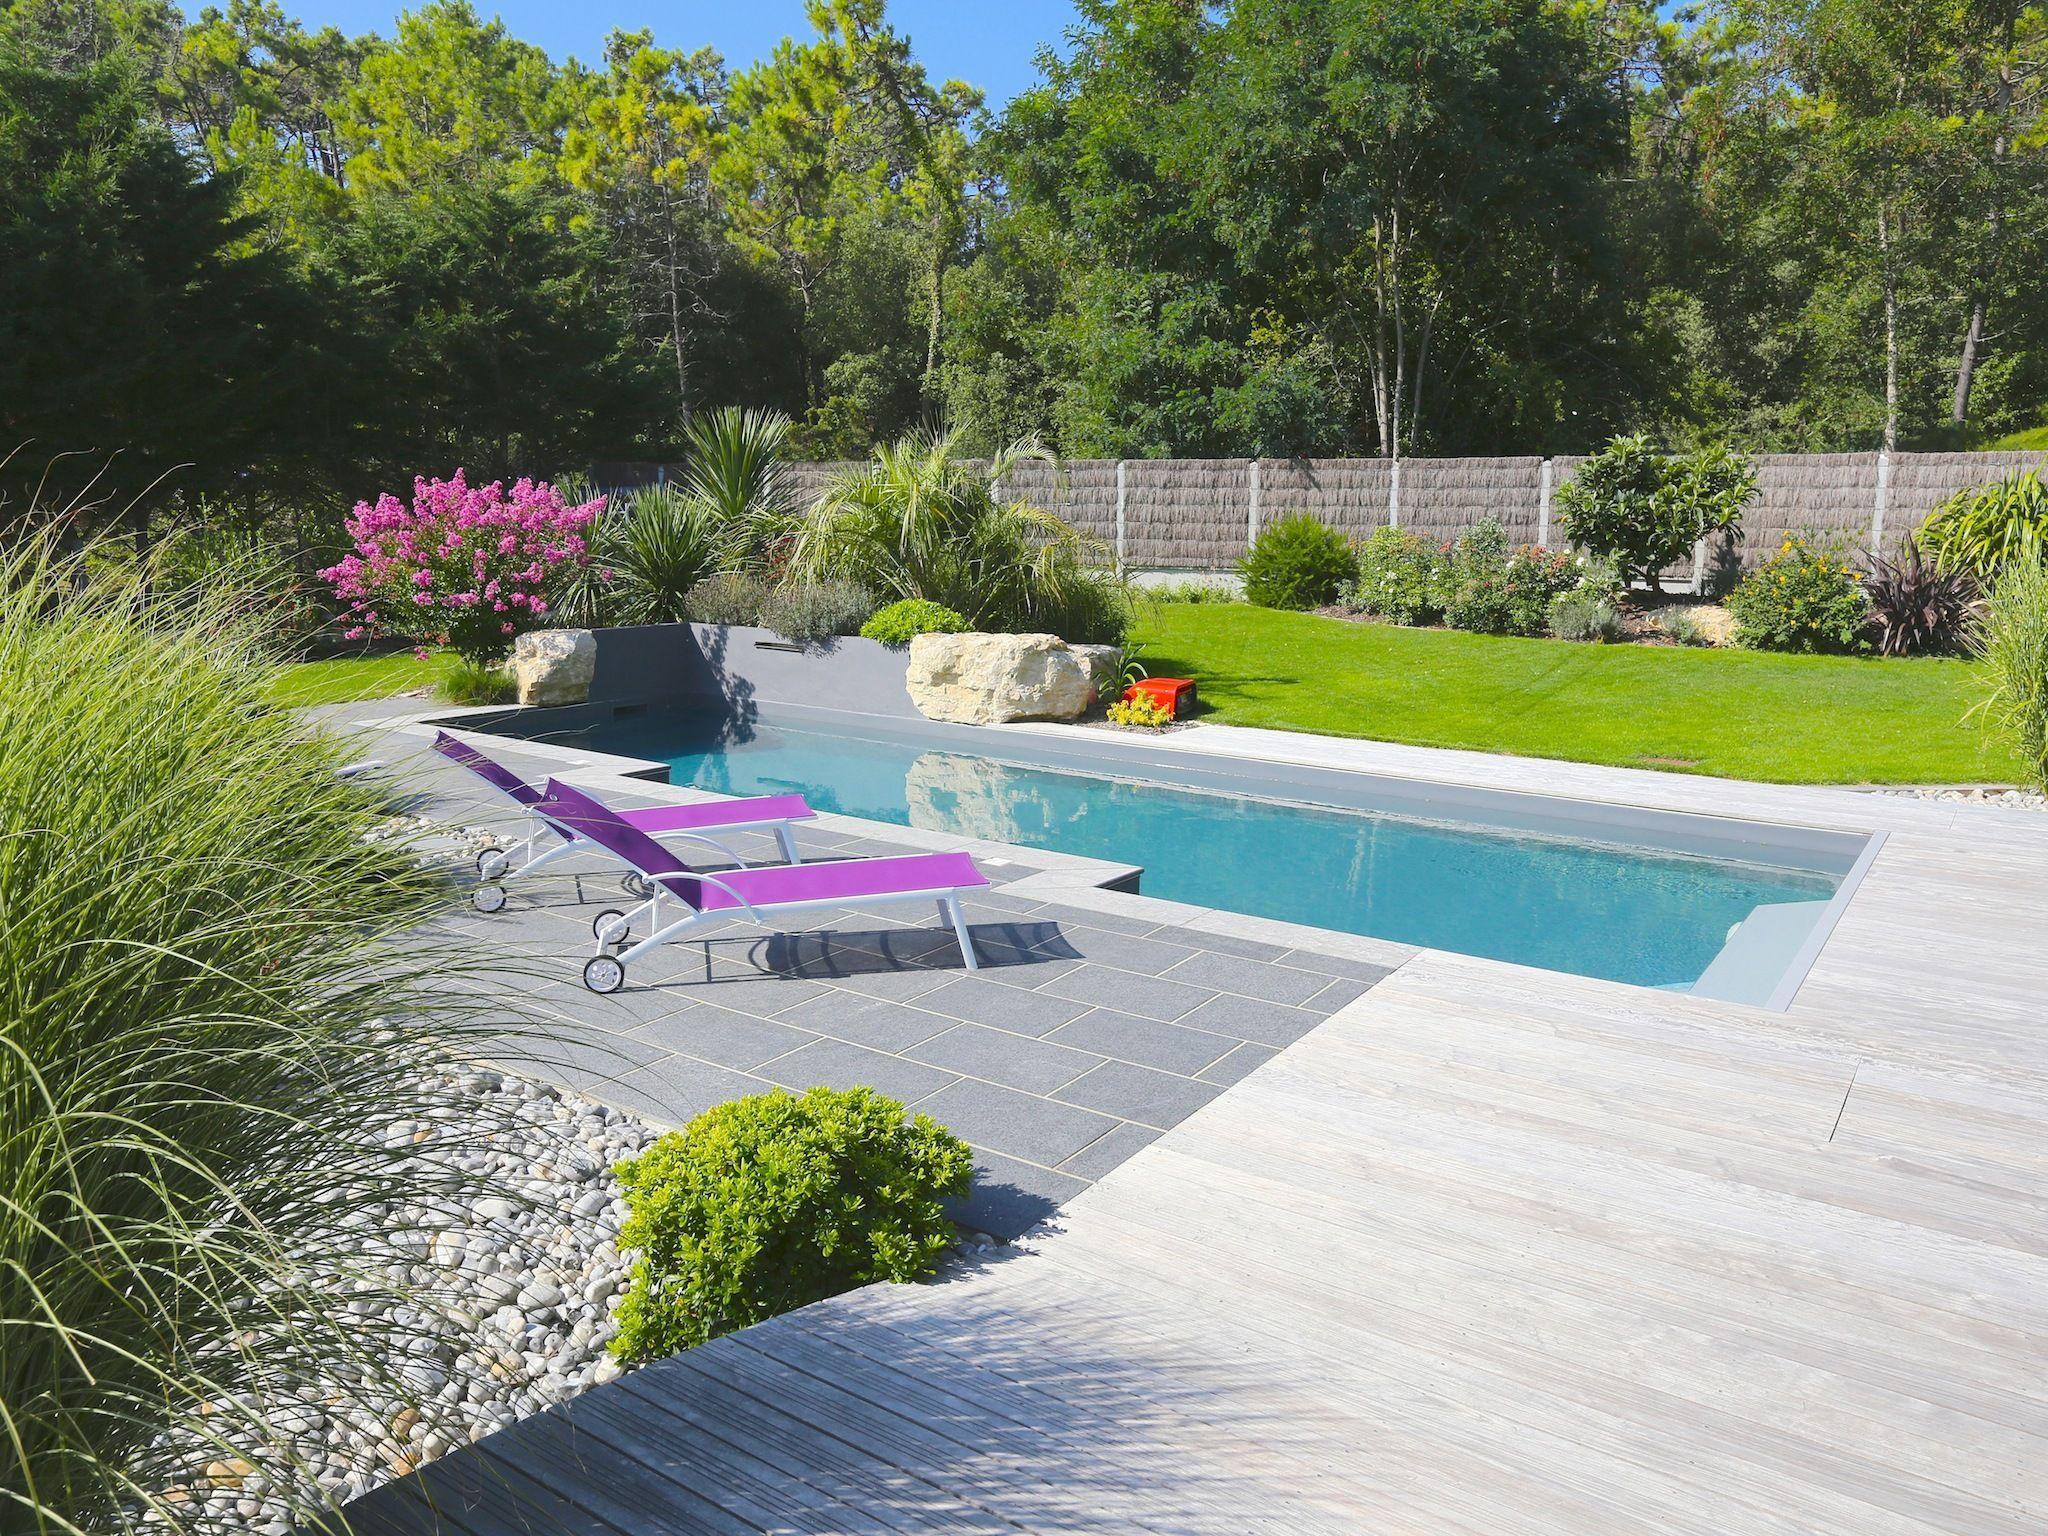 la piscine paysag e par l 39 esprit piscine 8 x 3 5 m rev tement gris clair escalier d angle. Black Bedroom Furniture Sets. Home Design Ideas